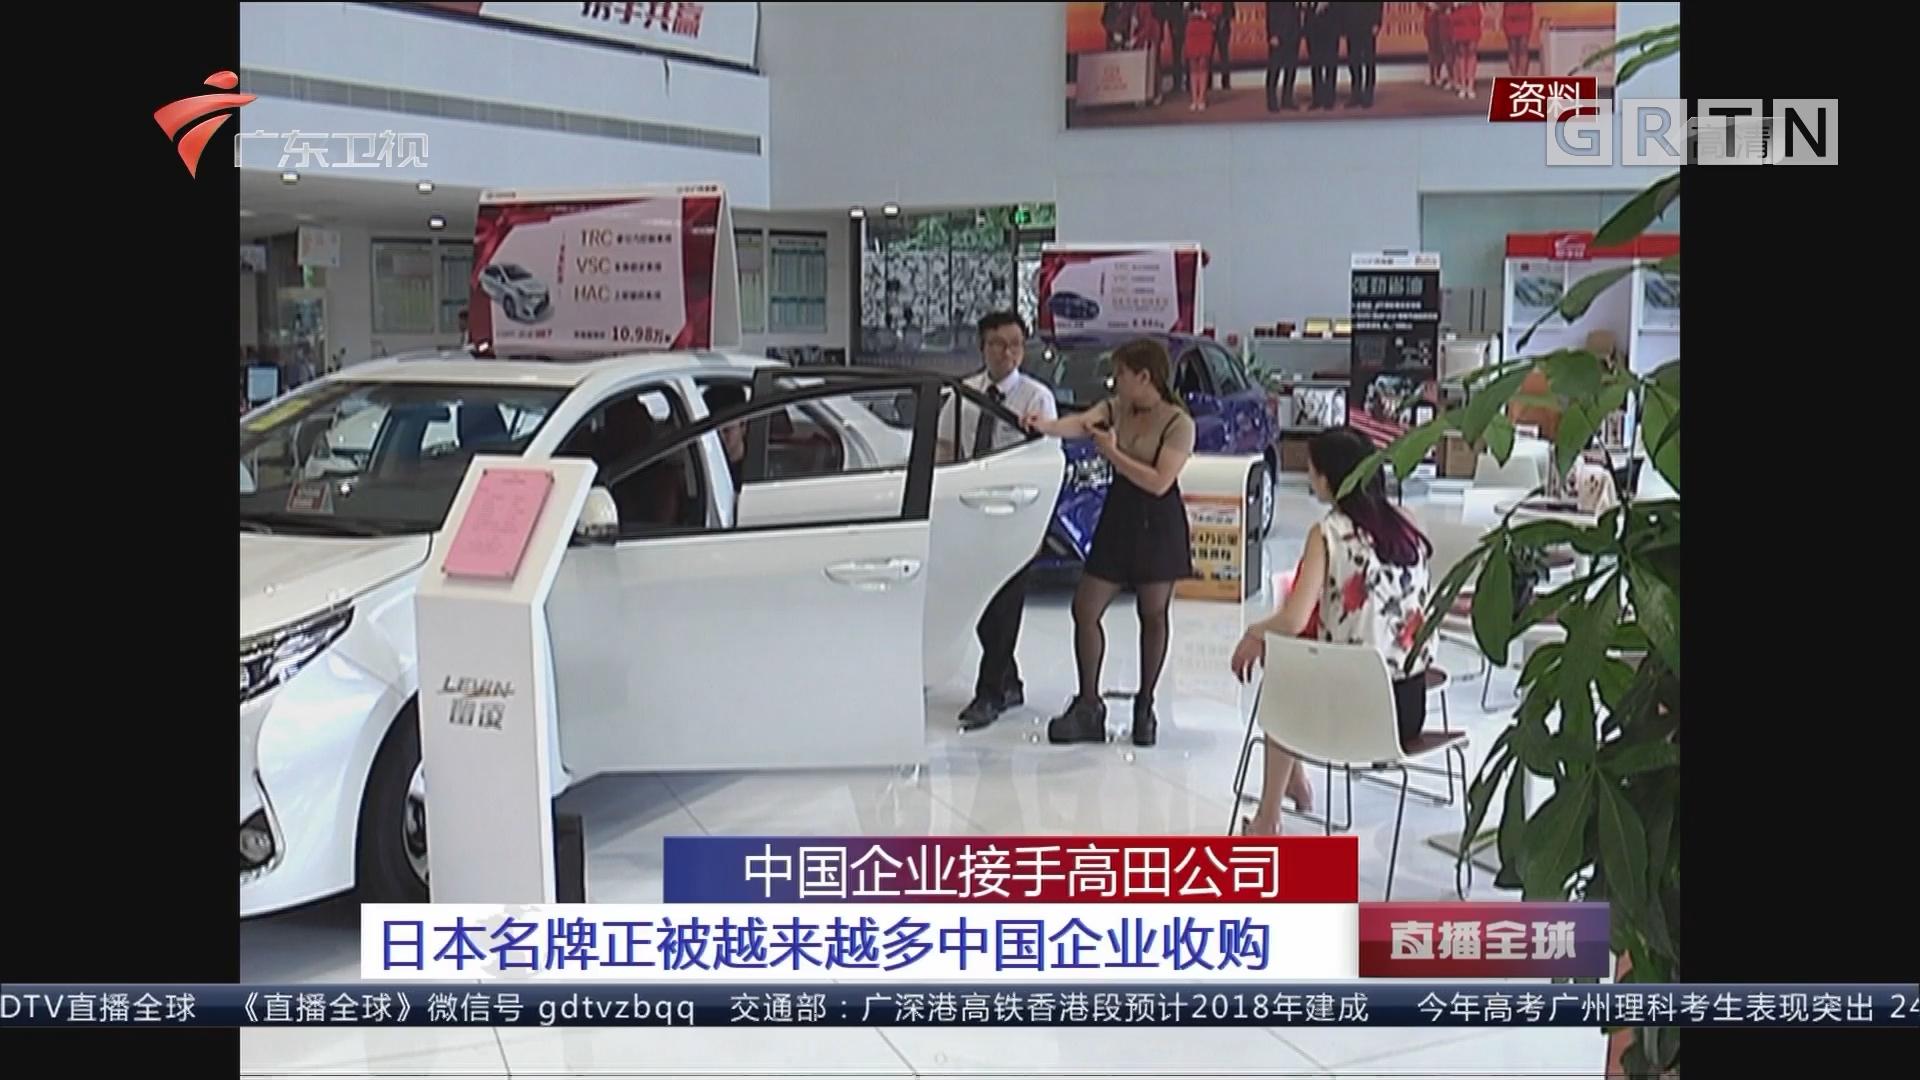 中国企业接手高田公司 日本名牌正被越来越多中国企业收购